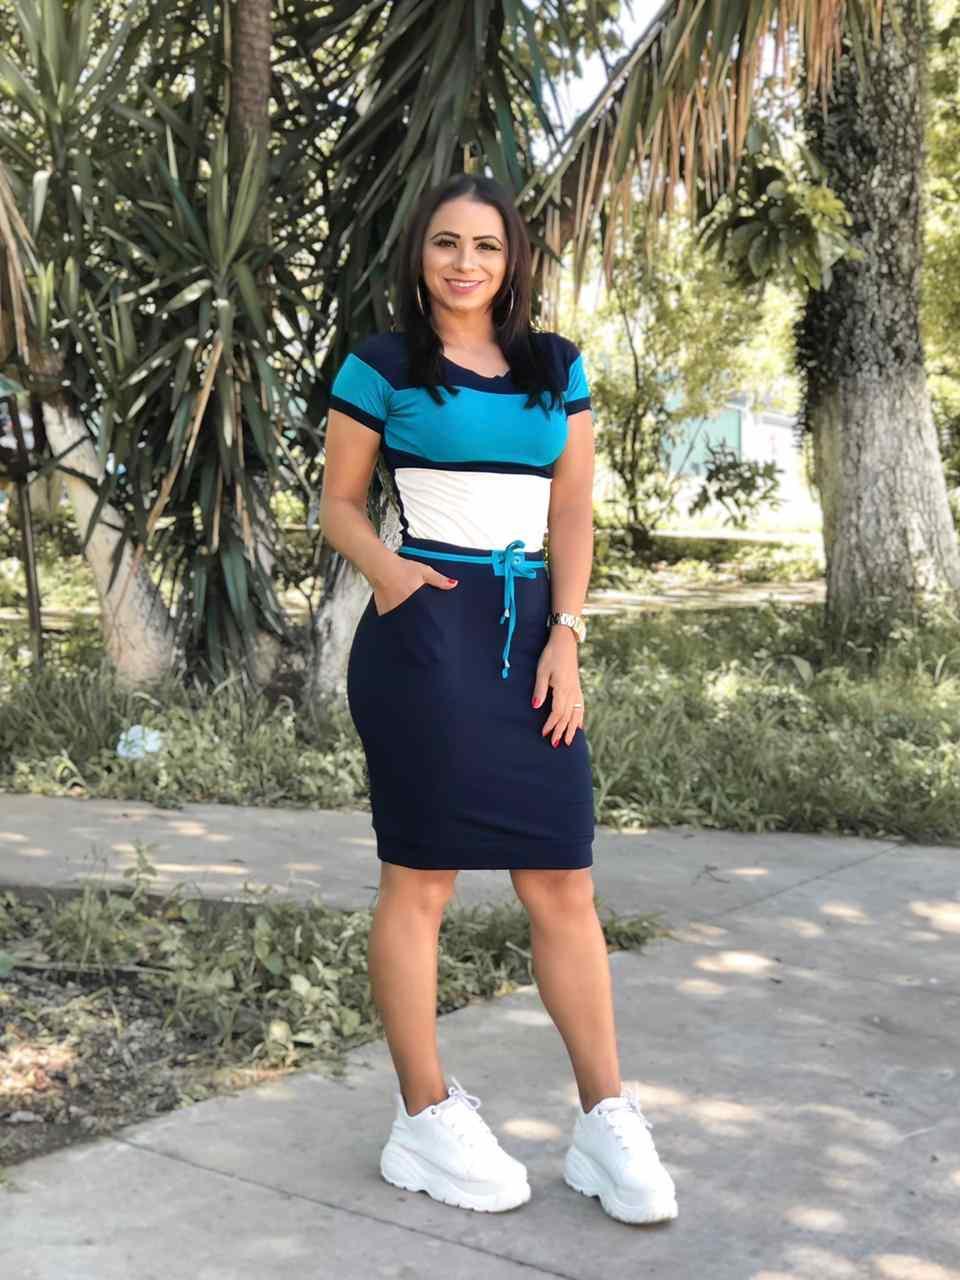 CONJUNTO TRICOLOR EM MALHA MANGA CURTA COM RECORTES - BELLY MODA